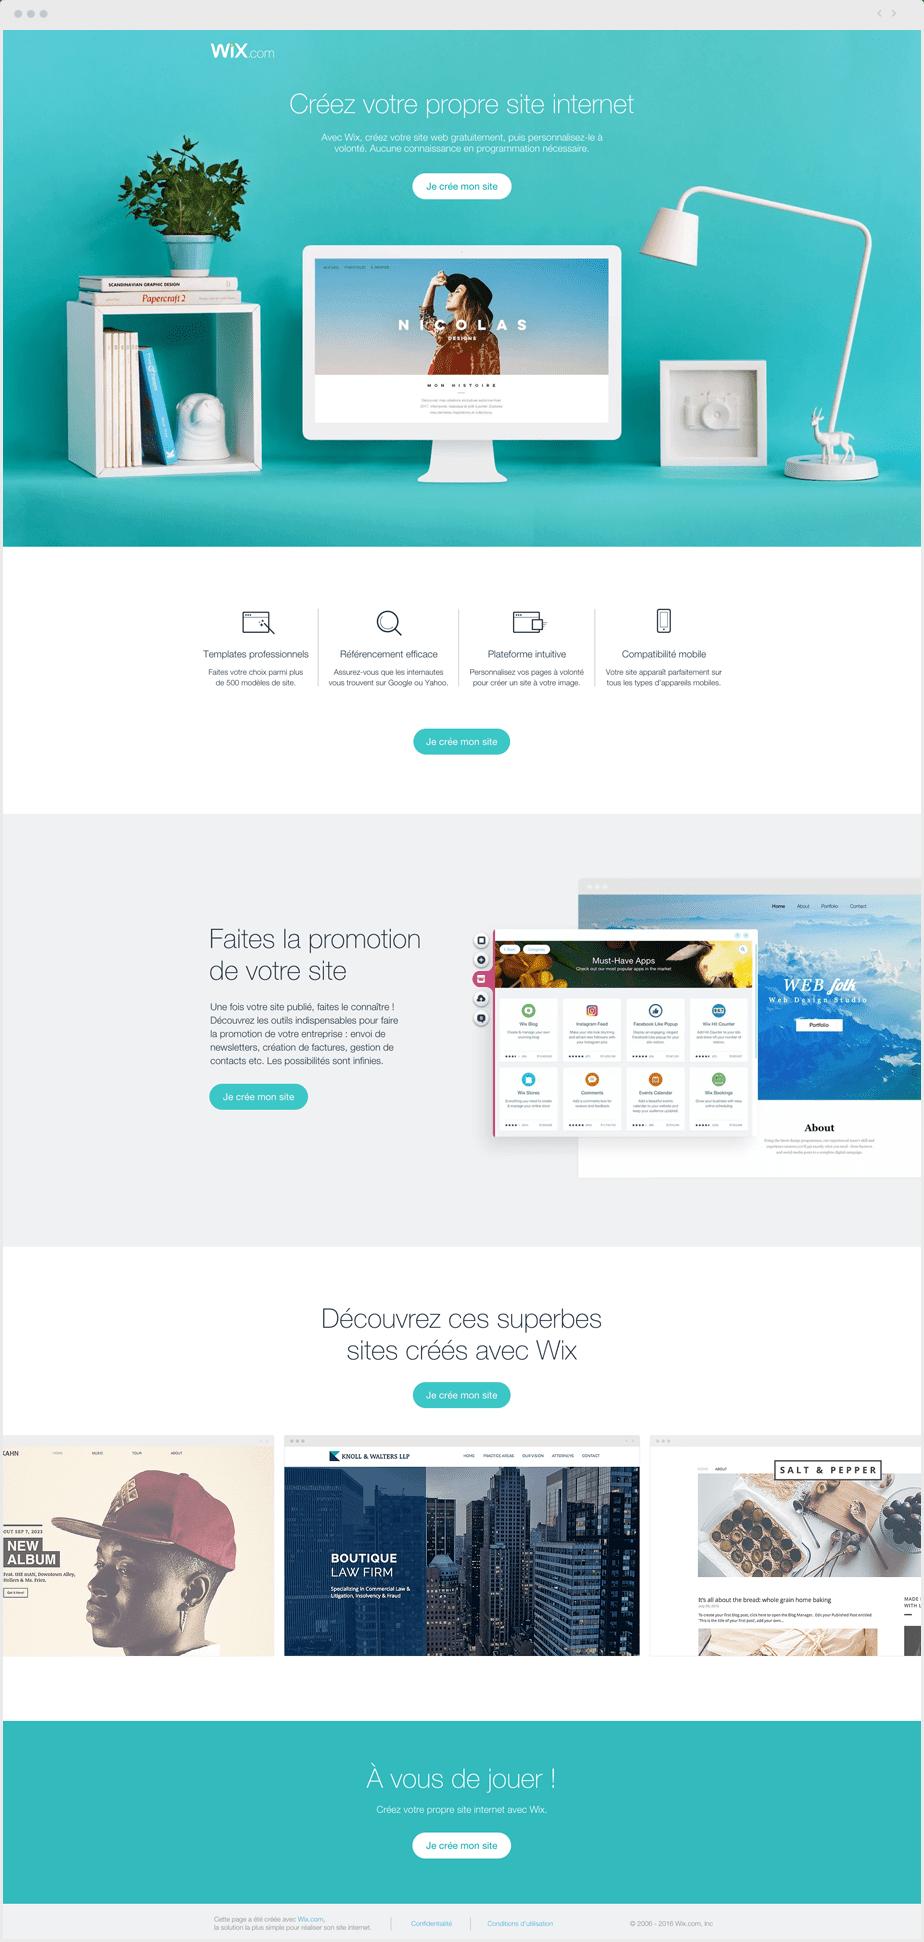 Créez votre propre site internet